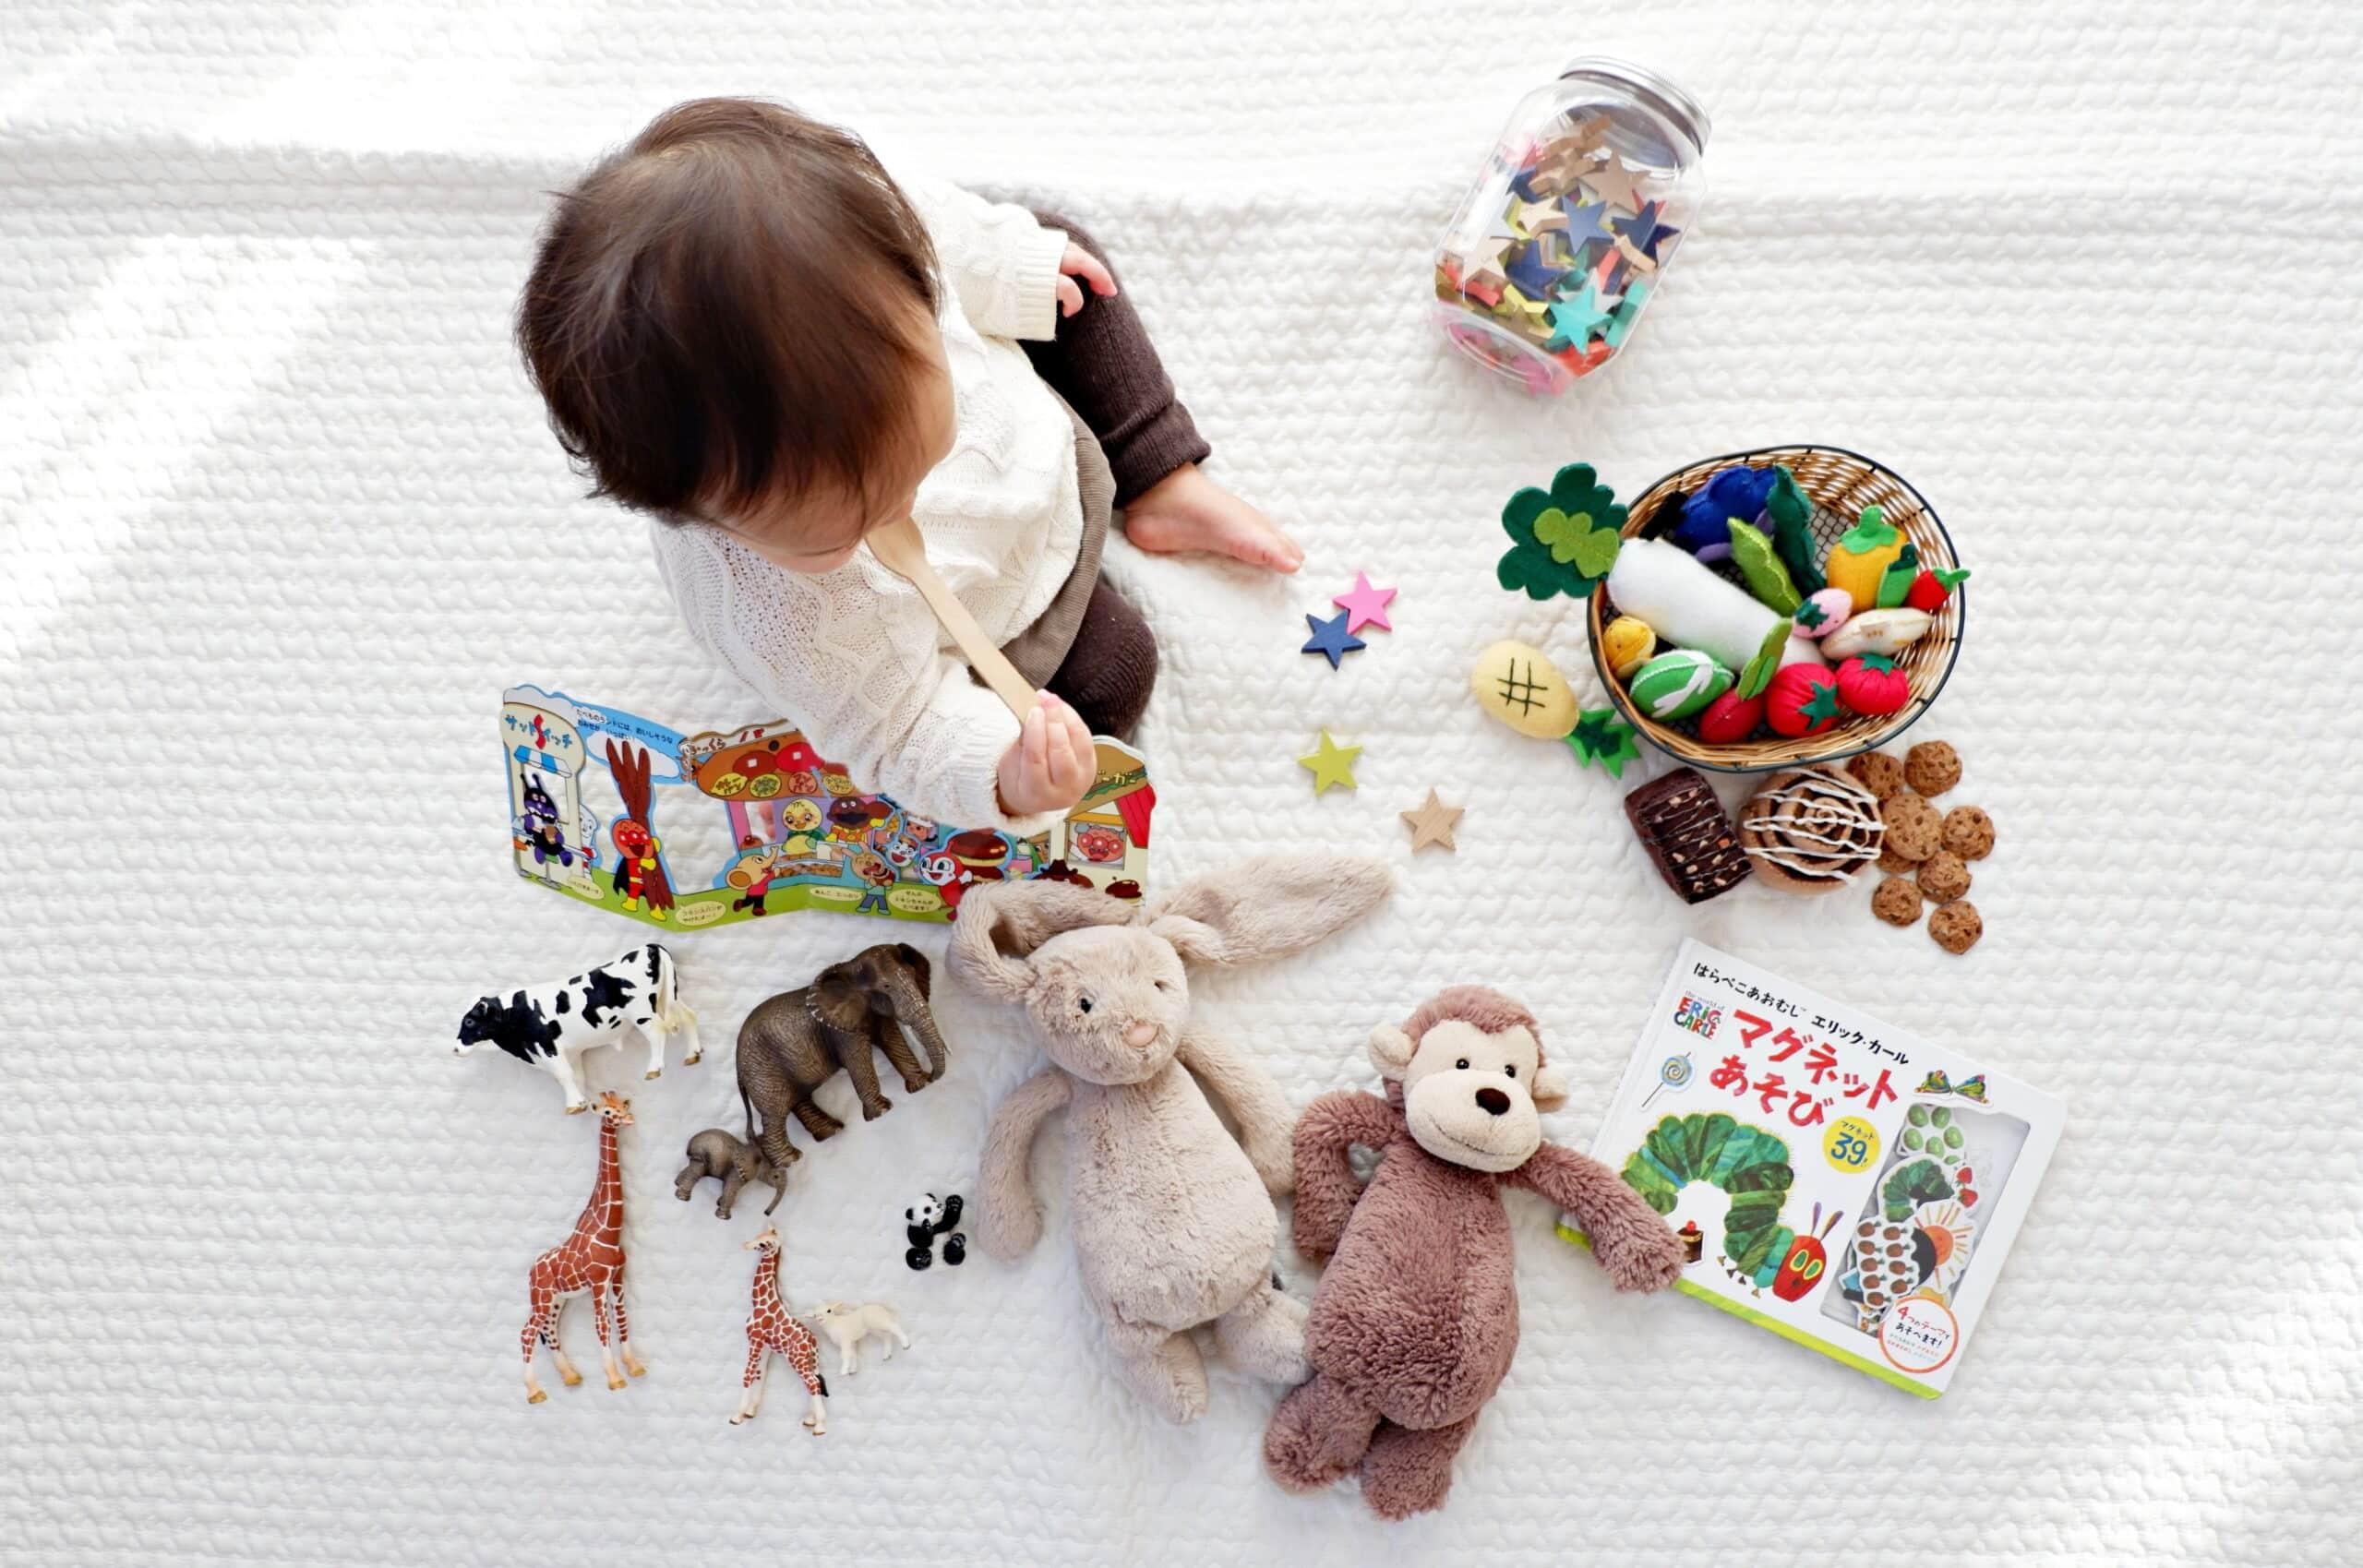 Ce jucării sunt potrivite pentru bebelușul tău în primul an de viață. Opțiuni ce contribuie la dezvoltarea armonioasă a copilului | Demamici.ro